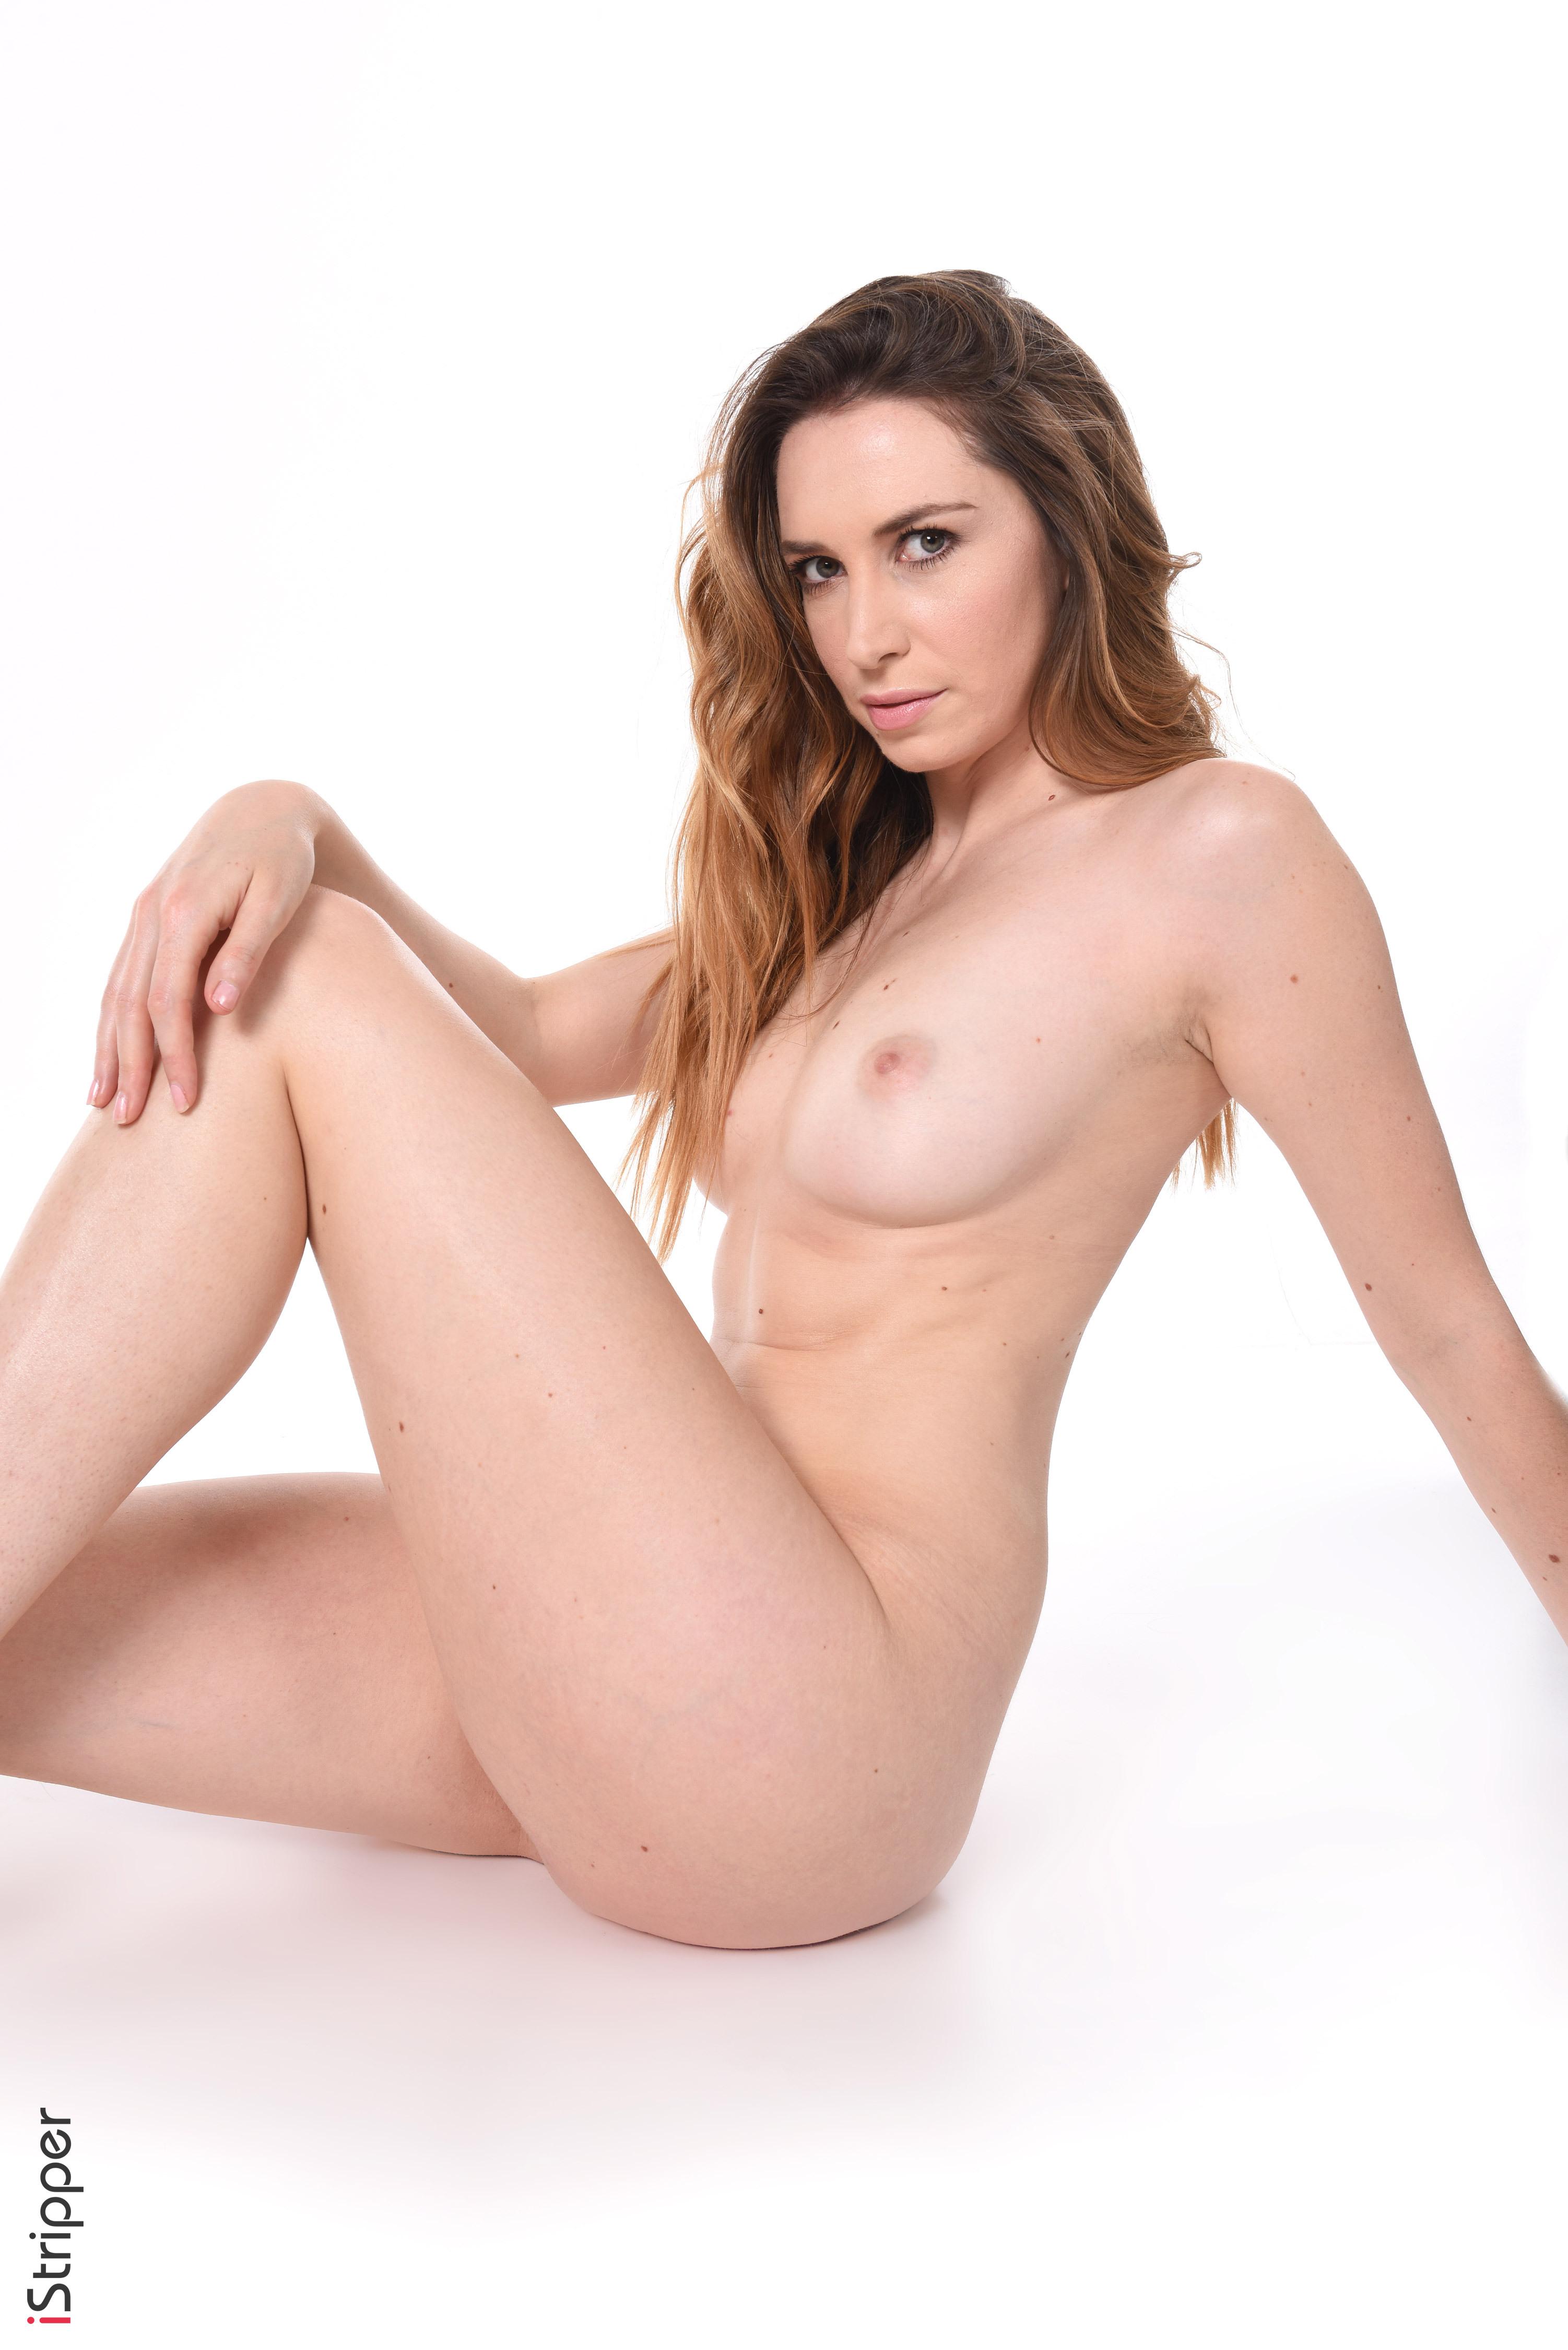 bibi jones bikini